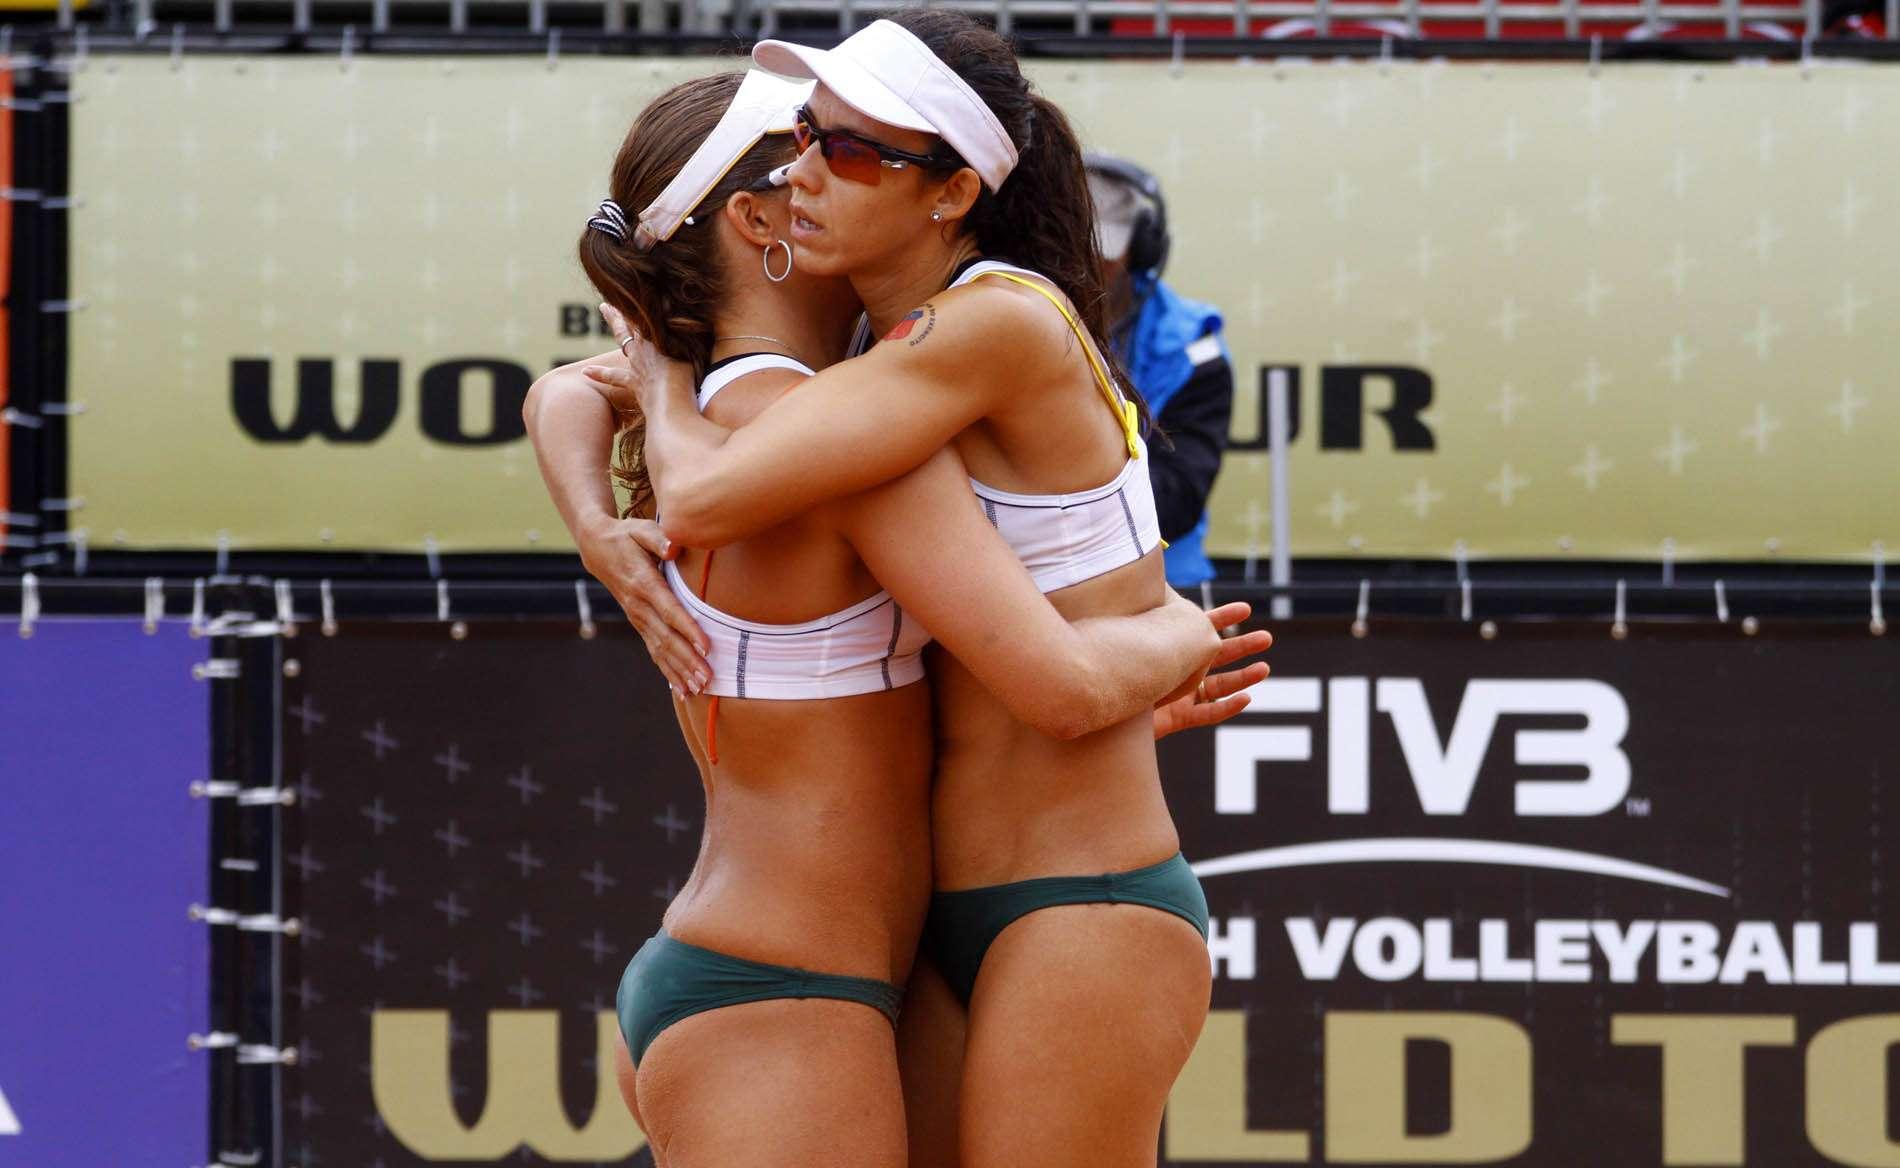 Talita e Larissa têm impressionado no circuito Foto: Alexandre Arruda/CBV/Divulgação